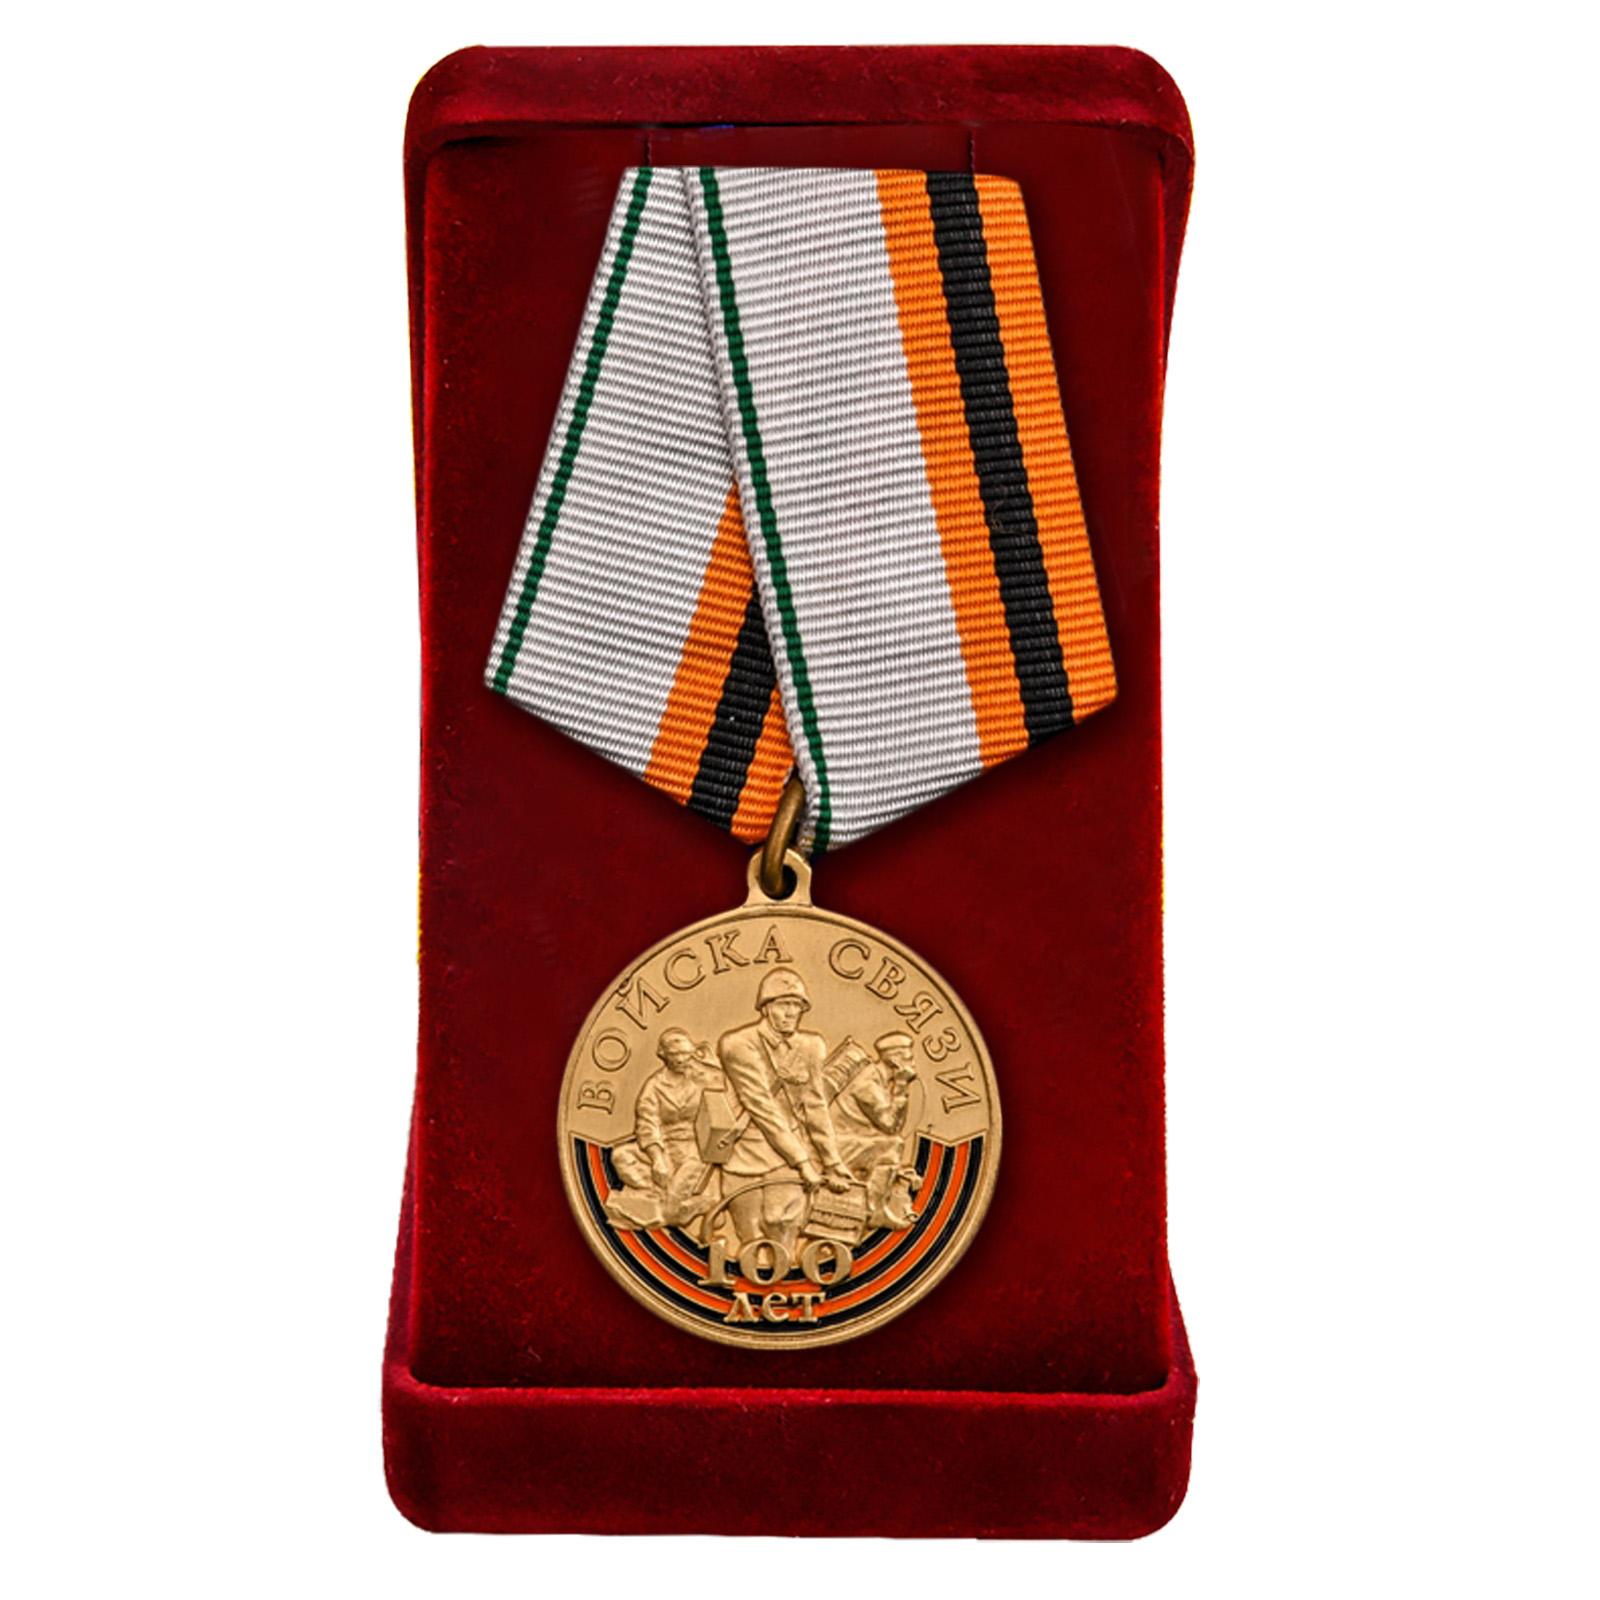 Купить медаль 100 лет Войскам связи в подарочном футляре оптом или в розницу